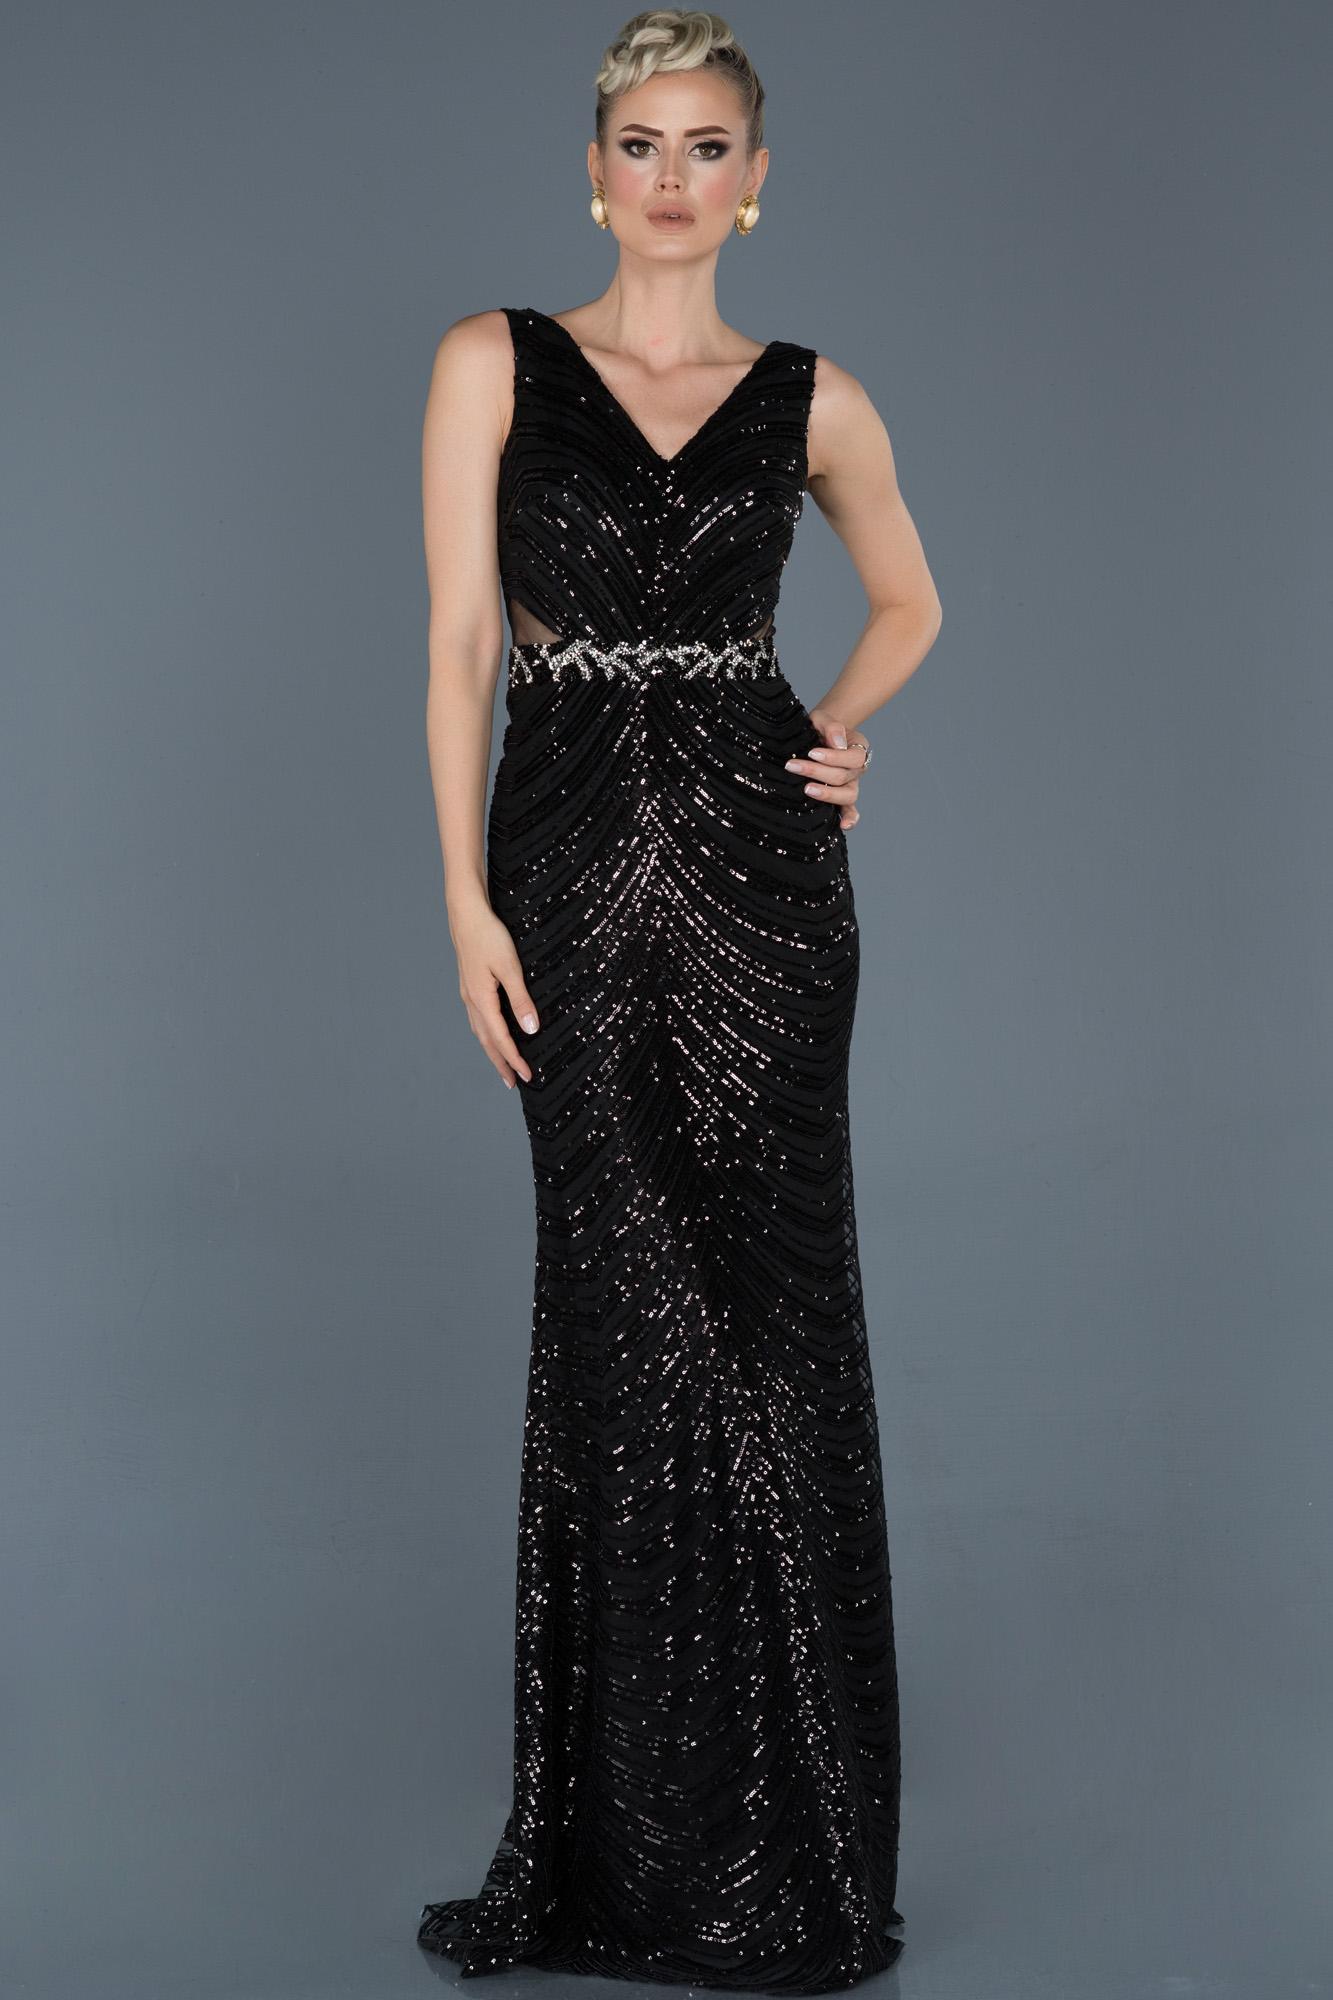 Siyah Uzun V Yaka Pul Payetli Abiye Elbise